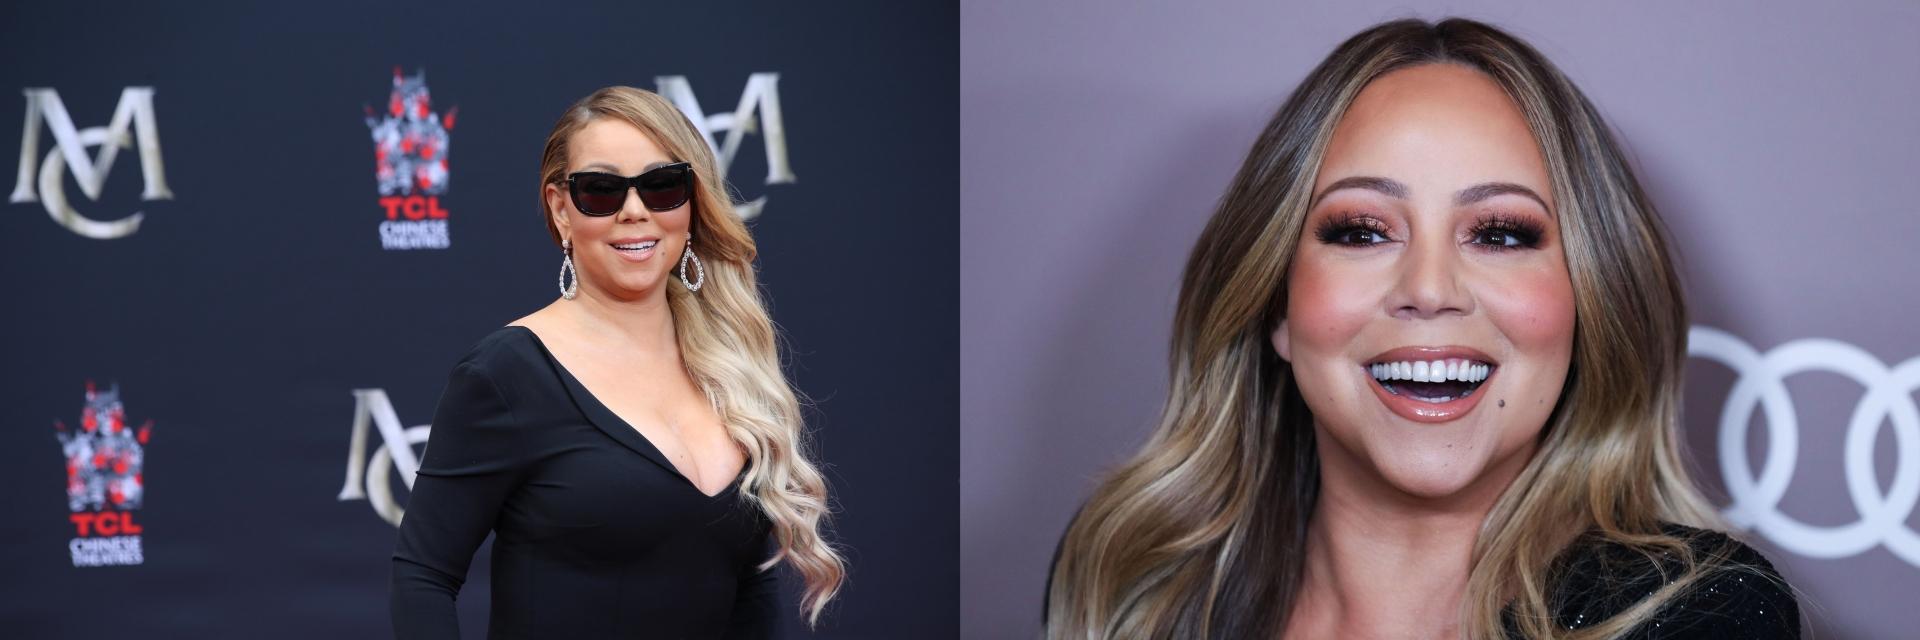 Celebrități ce s-au transformat total prin pierderi de greutate în 2019